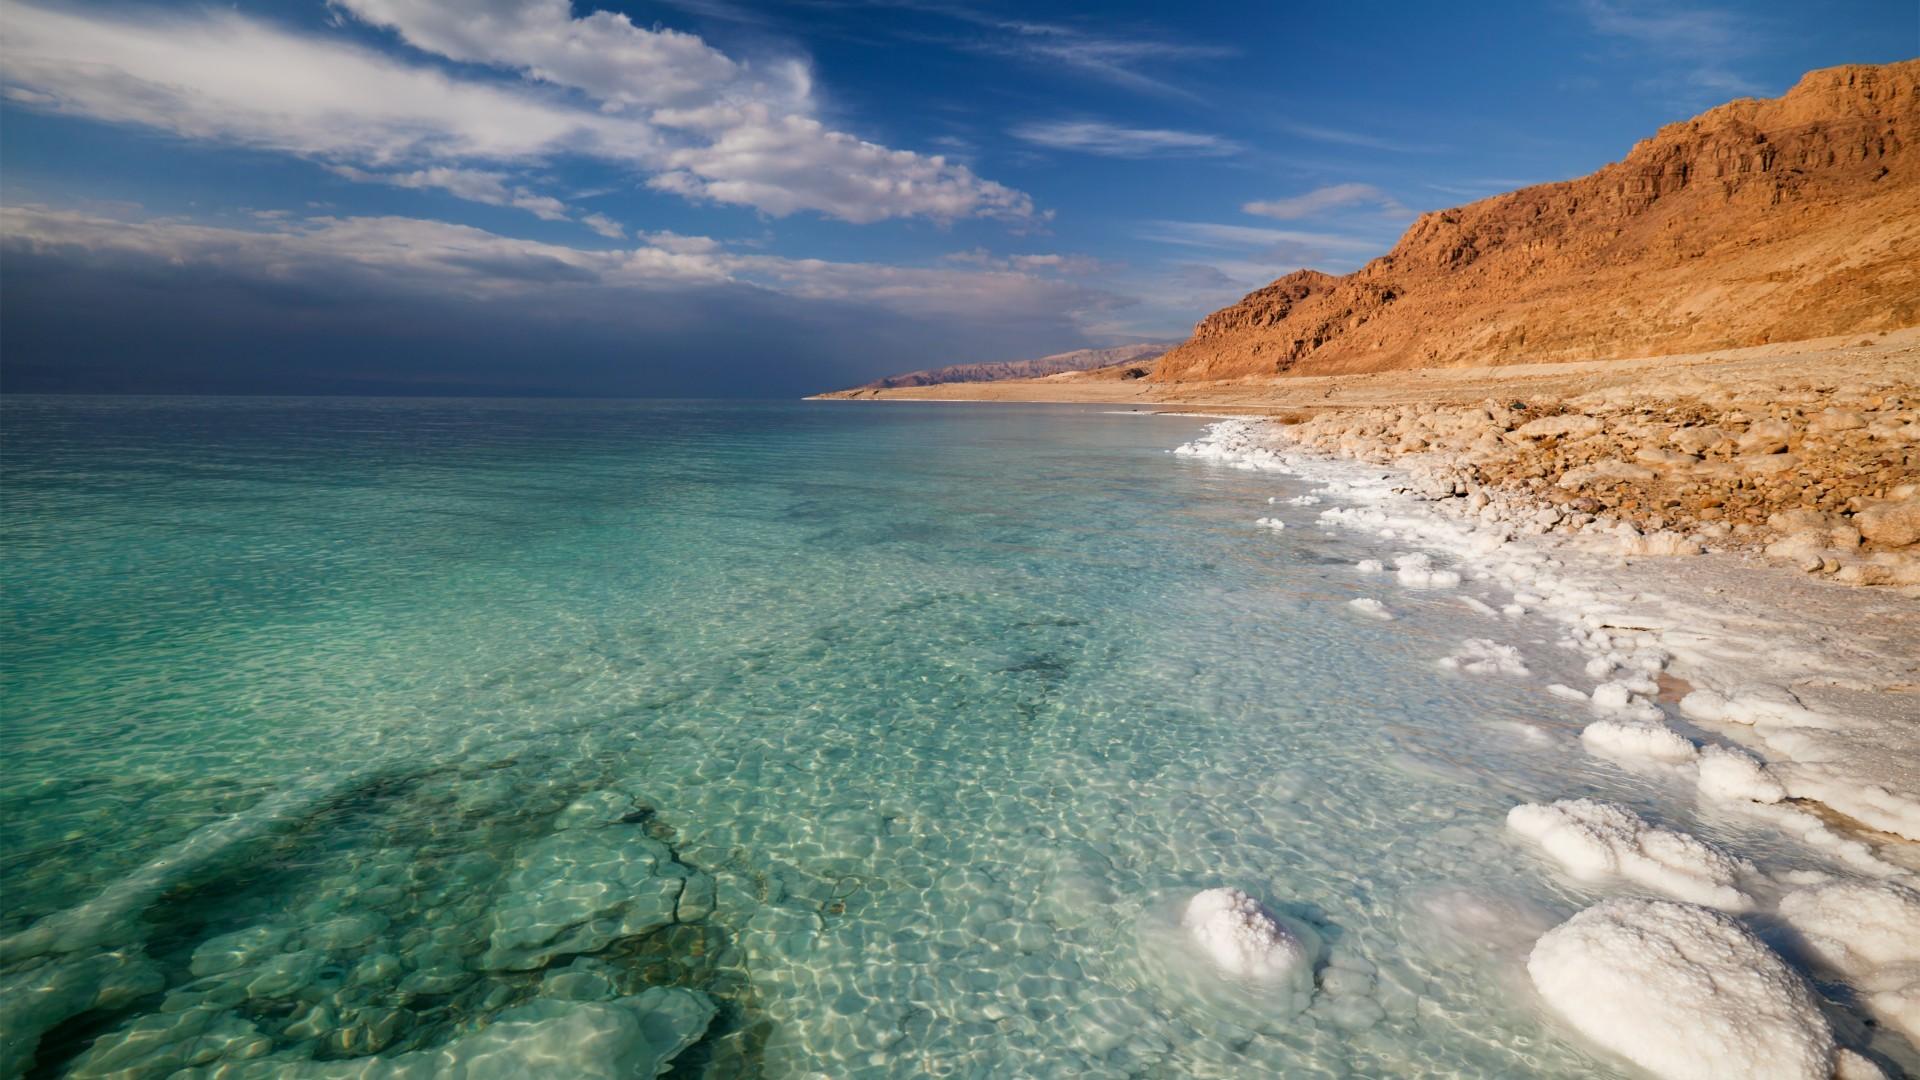 Hintergrundbilder Landschaft Berge Bucht Wasser Natur Ufer